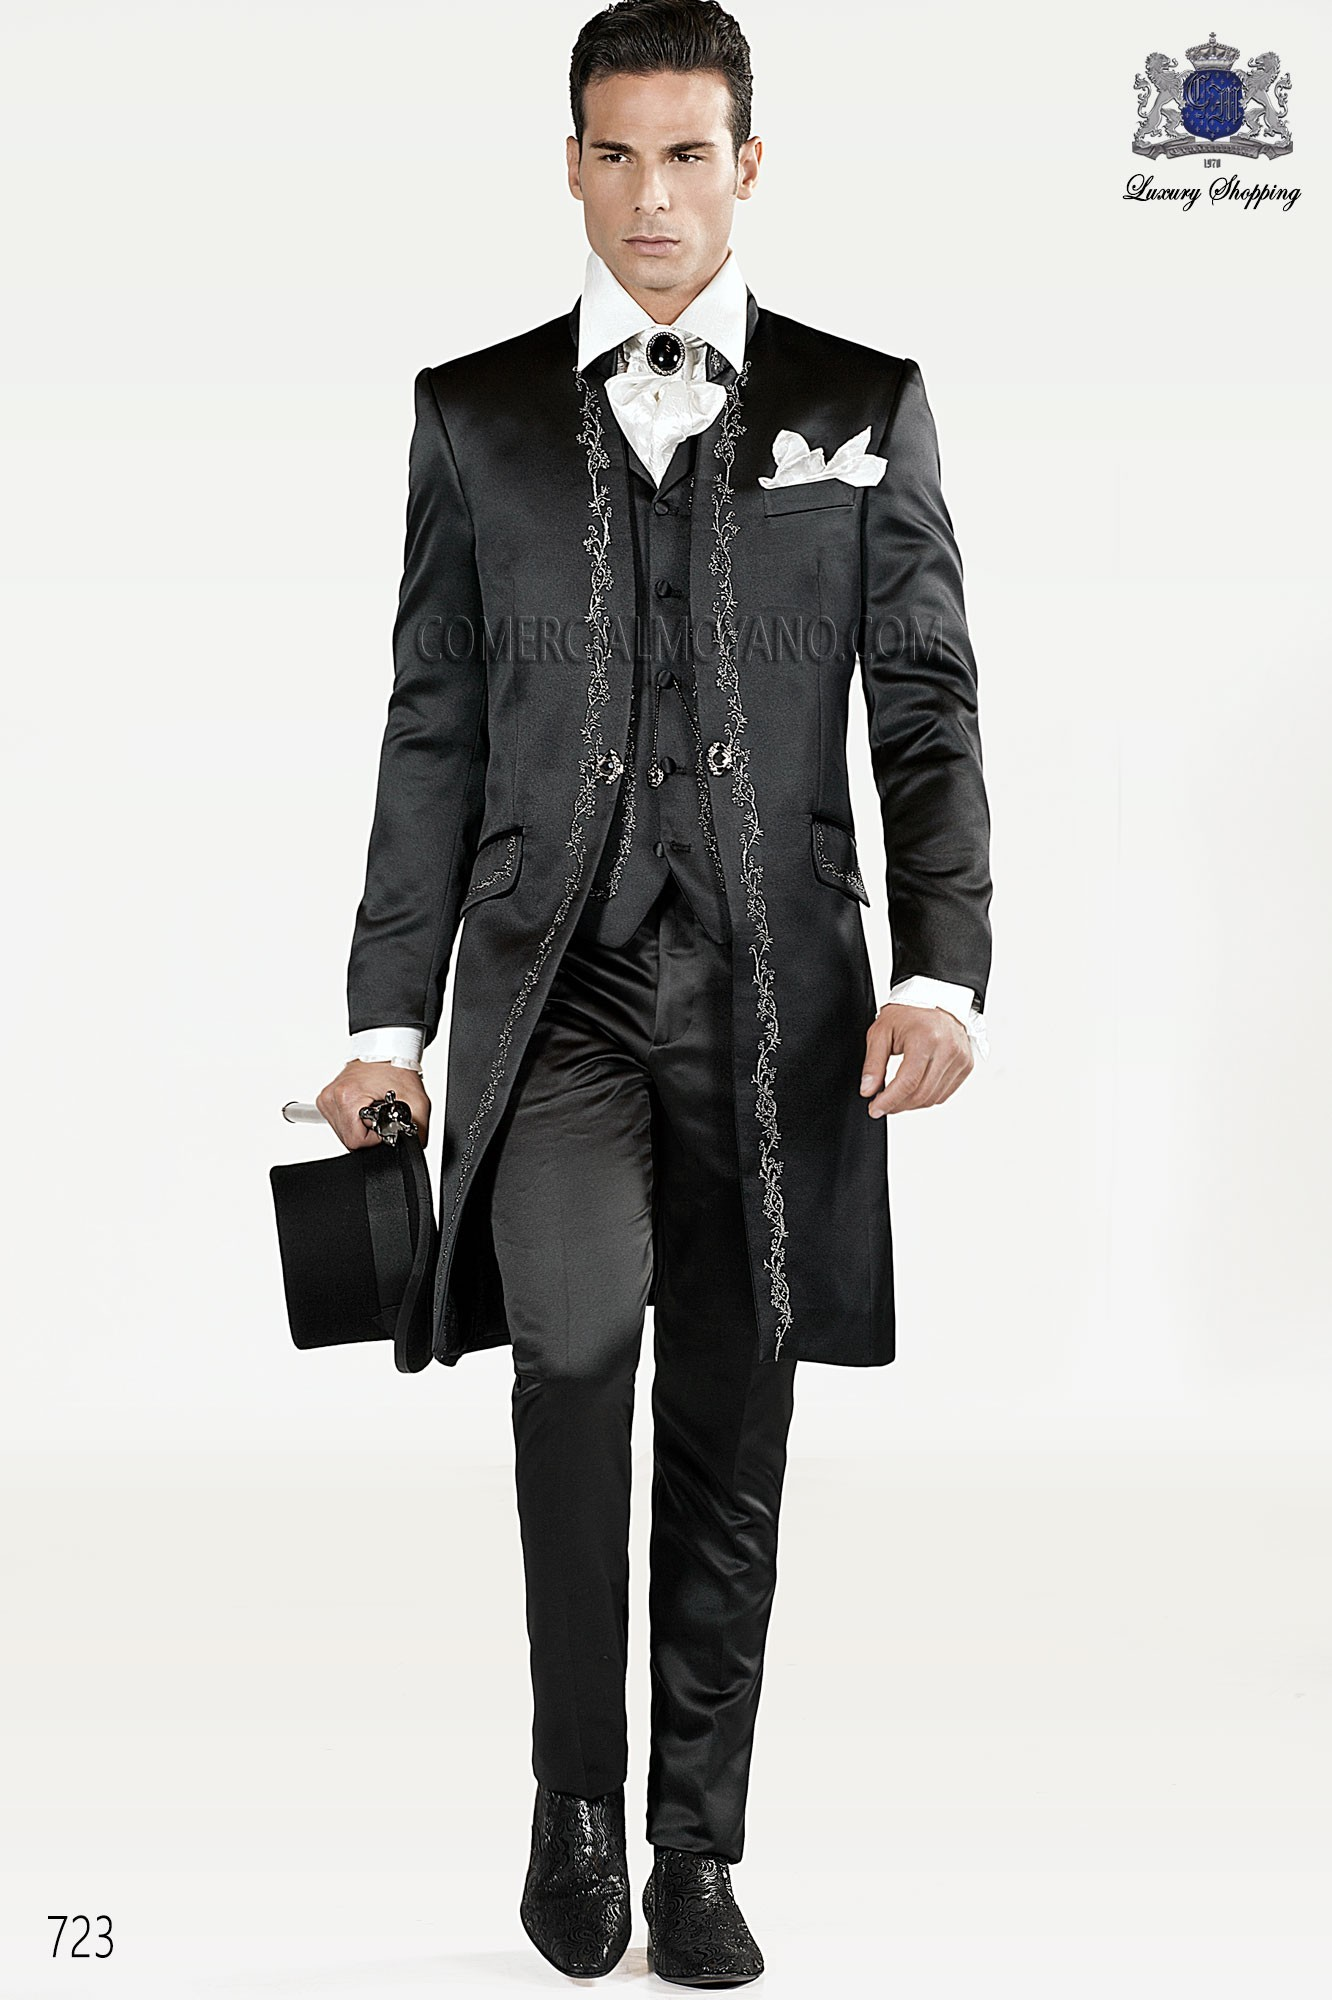 Traje de novio barroco negron modelo: 723 Ottavio Nuccio Gala colección 2017 Barroco